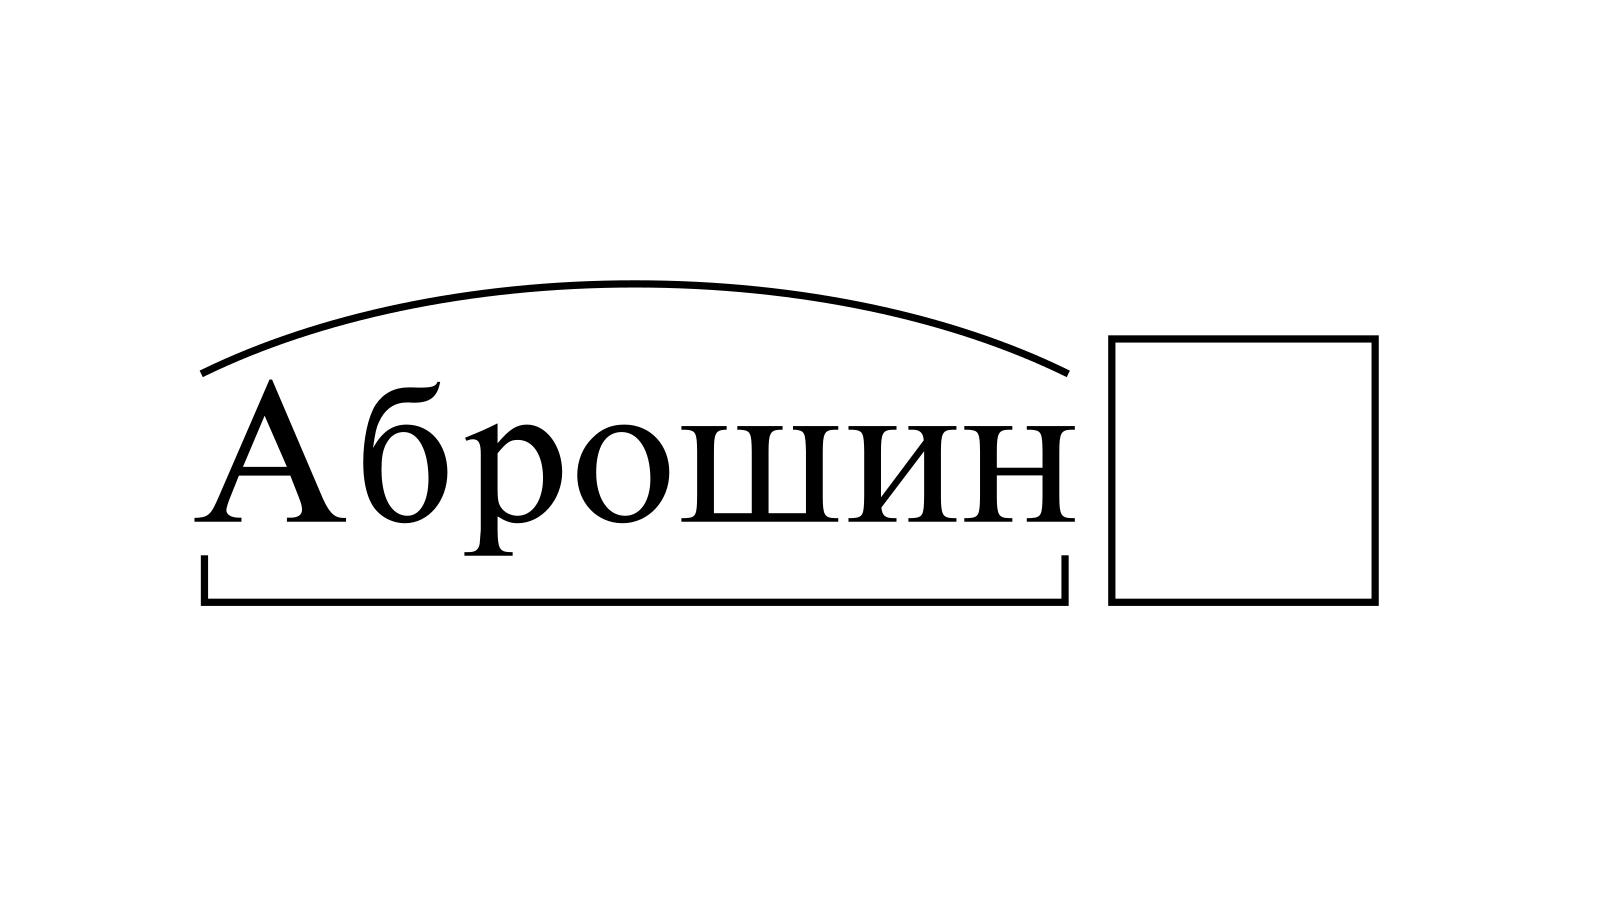 Разбор слова «Аброшин» по составу